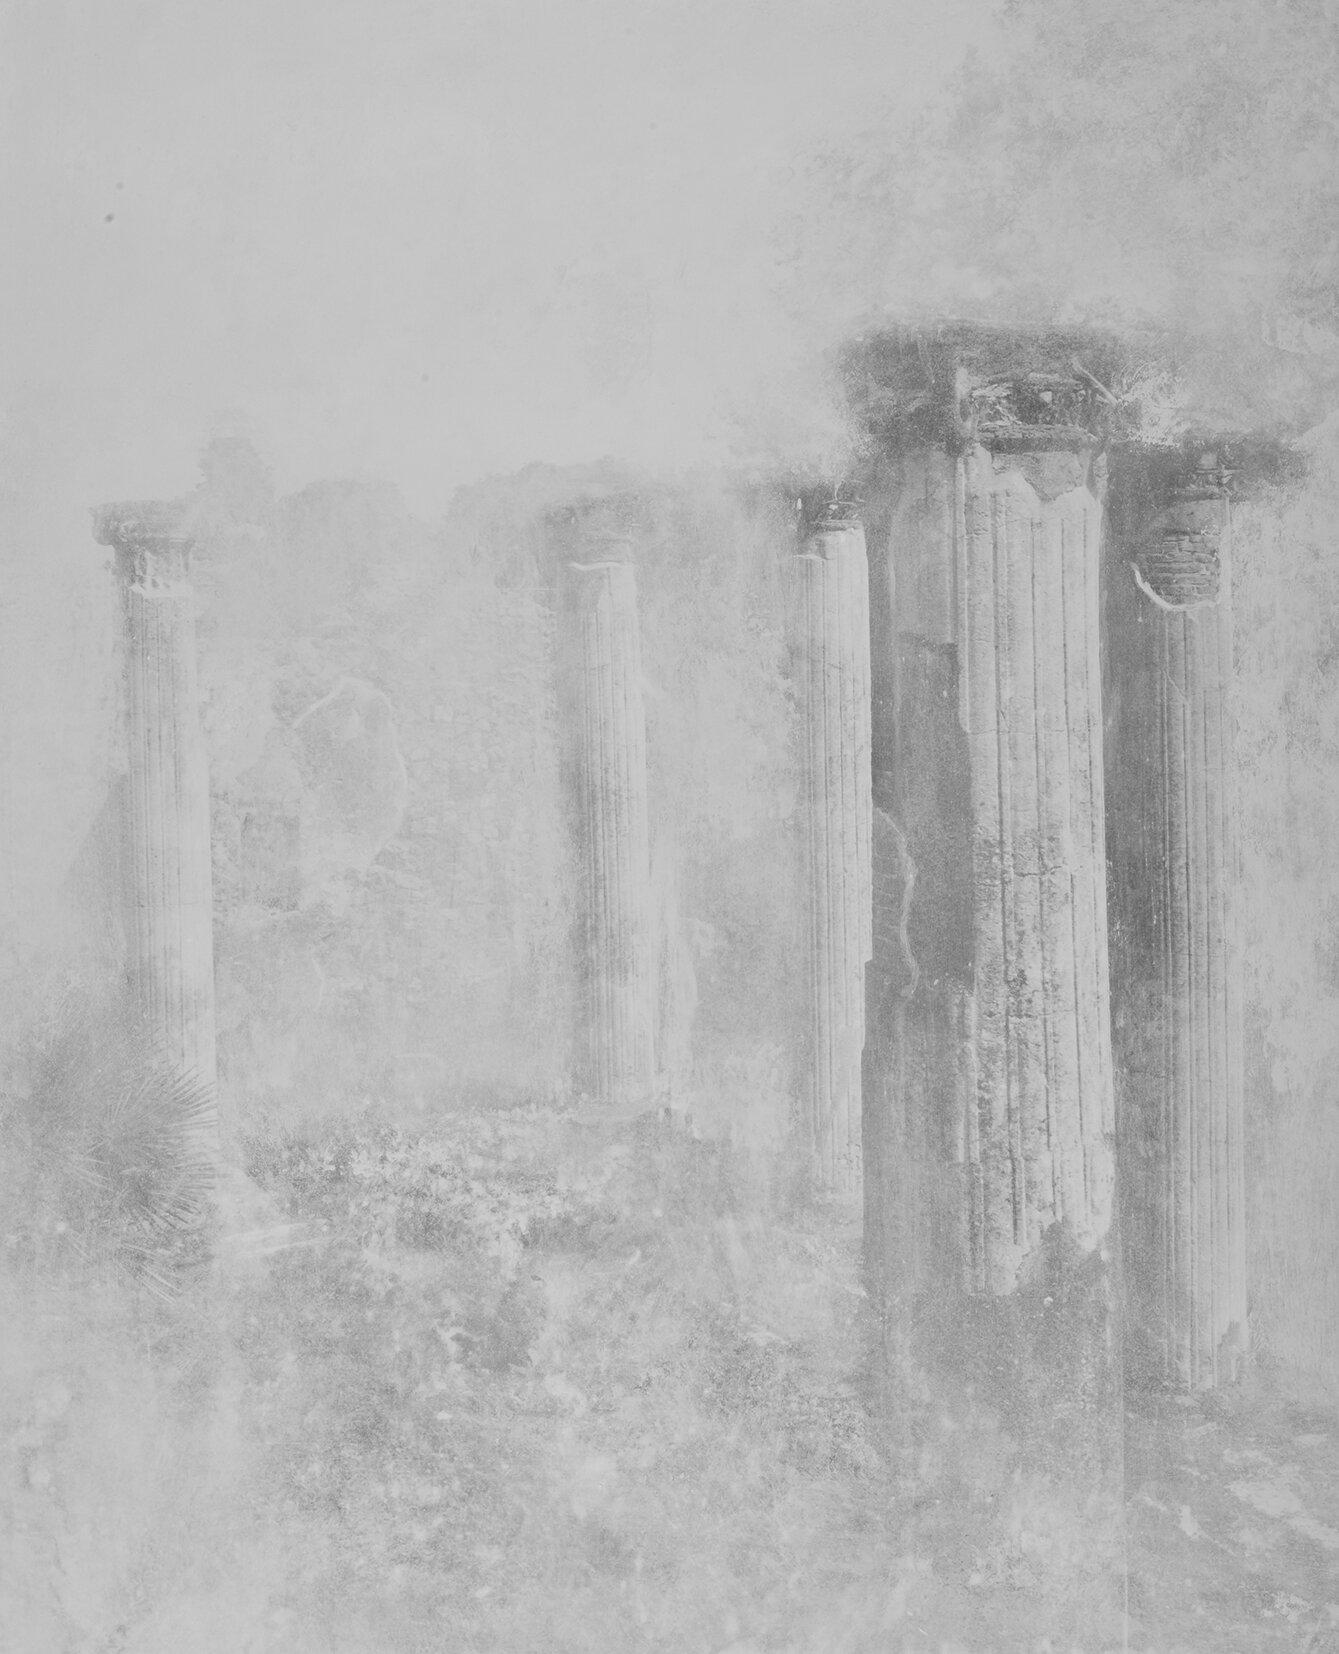 Pompeii_HouseoftheColouredCapitals_courtesyGalerieThierryBigaignon.jpg